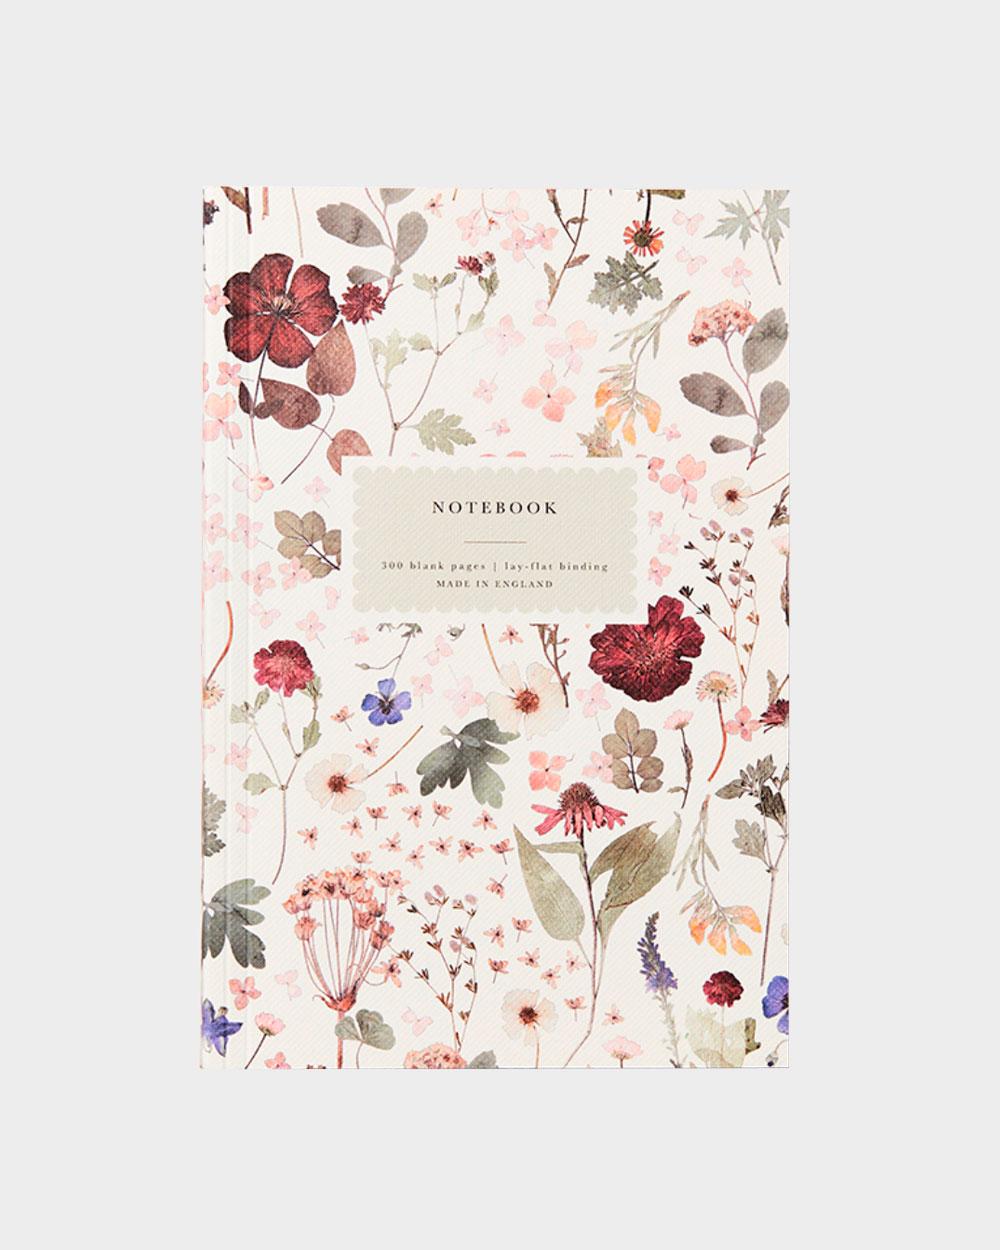 romanttinen vanhahtavan tyylinen kukkakuvioinen muistikirja